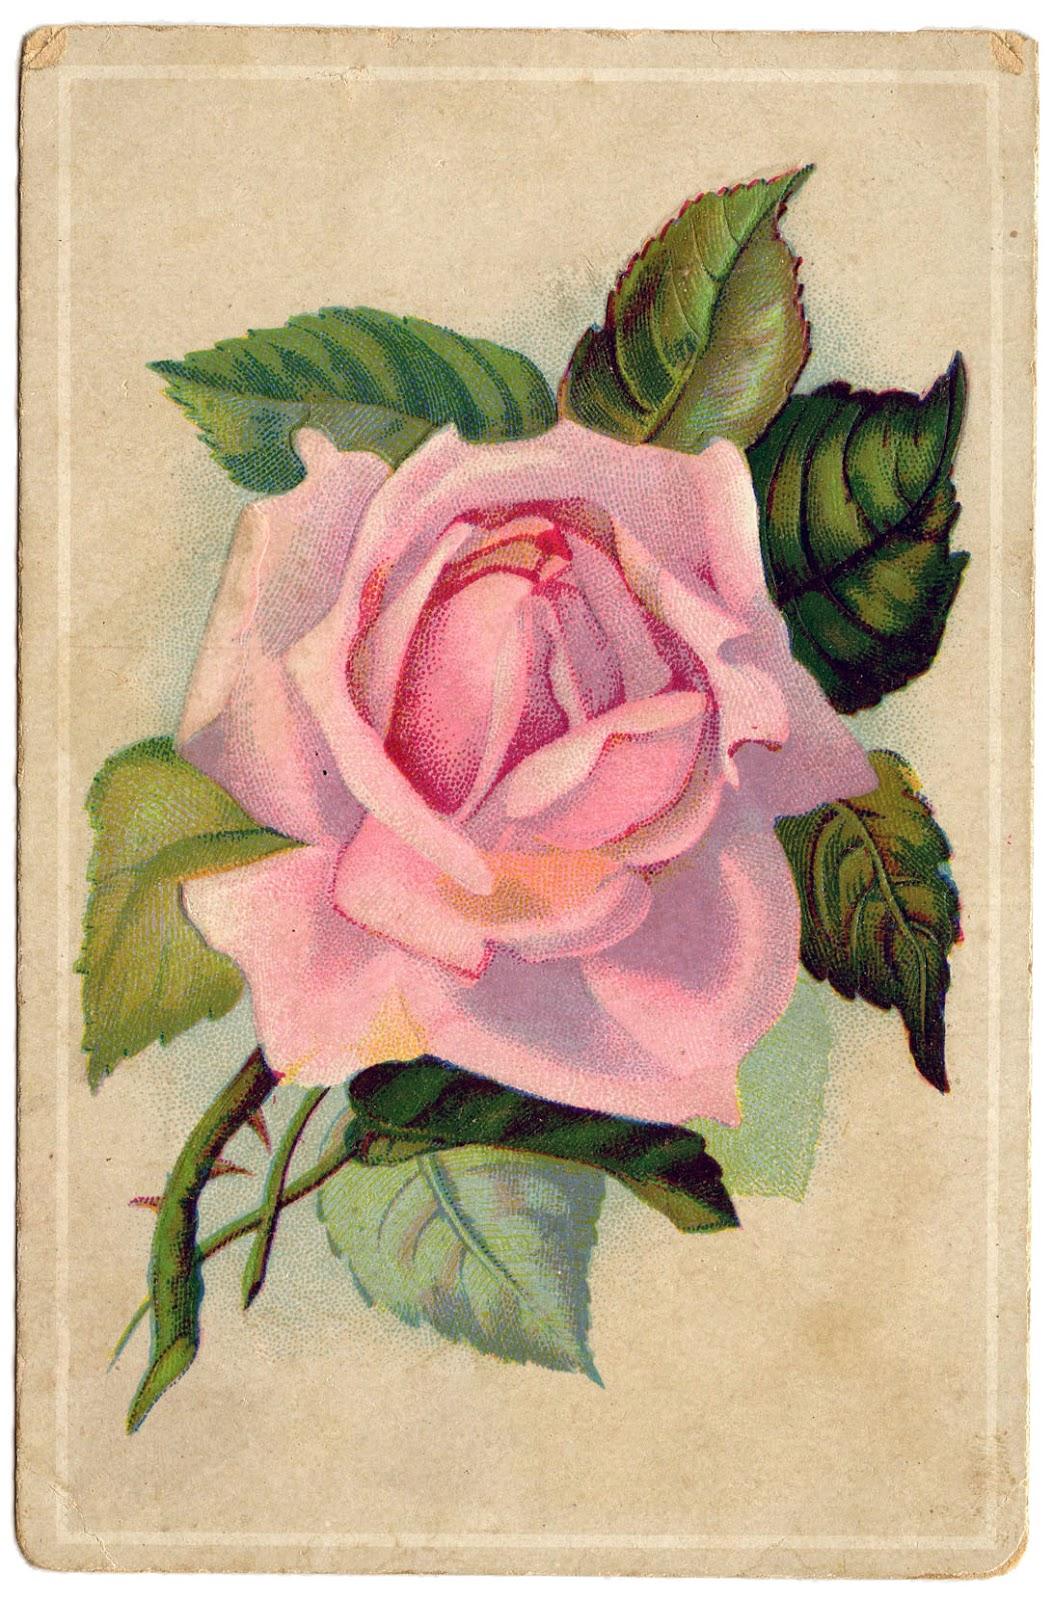 http://2.bp.blogspot.com/-NBmq0R0962I/UH4U4Nv4h9I/AAAAAAAAXII/8Wz5Tekq_3w/s1600/PinkRose-Vintage-GraphicsFairy.jpg